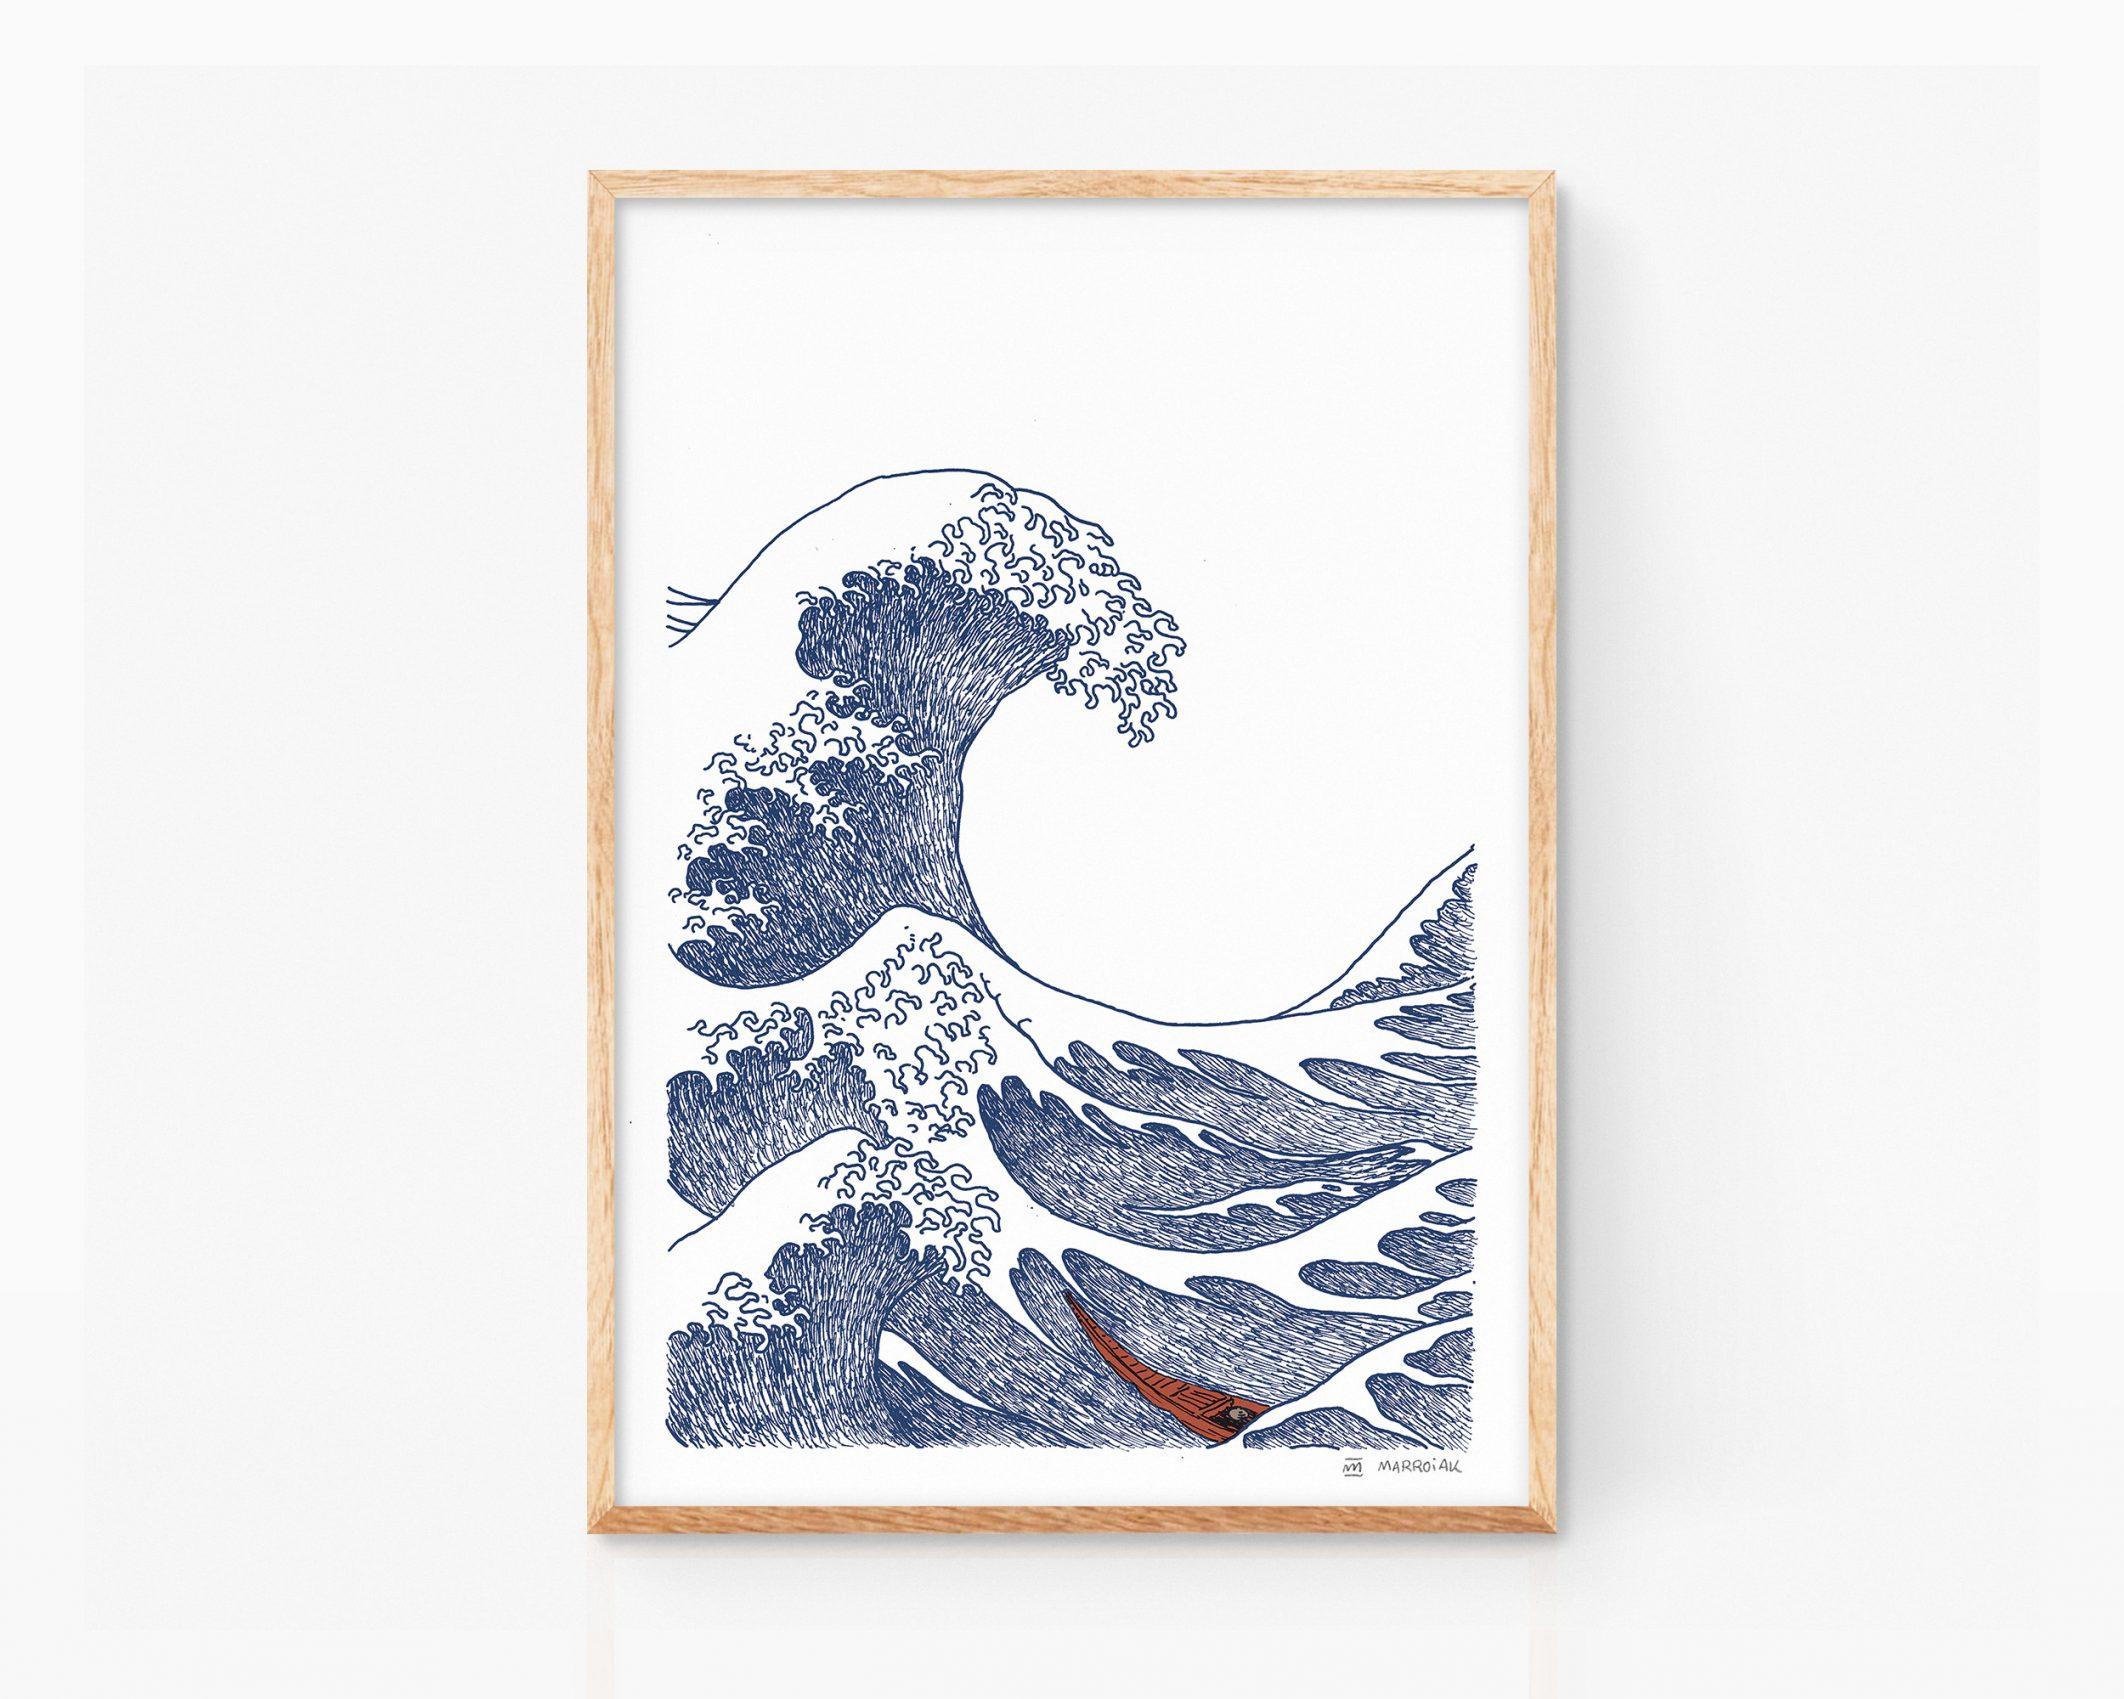 Cuadro decorativo con una Ilustración ukiyo-e de la gran ola de kanagawa del artista japonés Hokusai. Dibujo minimalista. Arte pop contemporaneo.